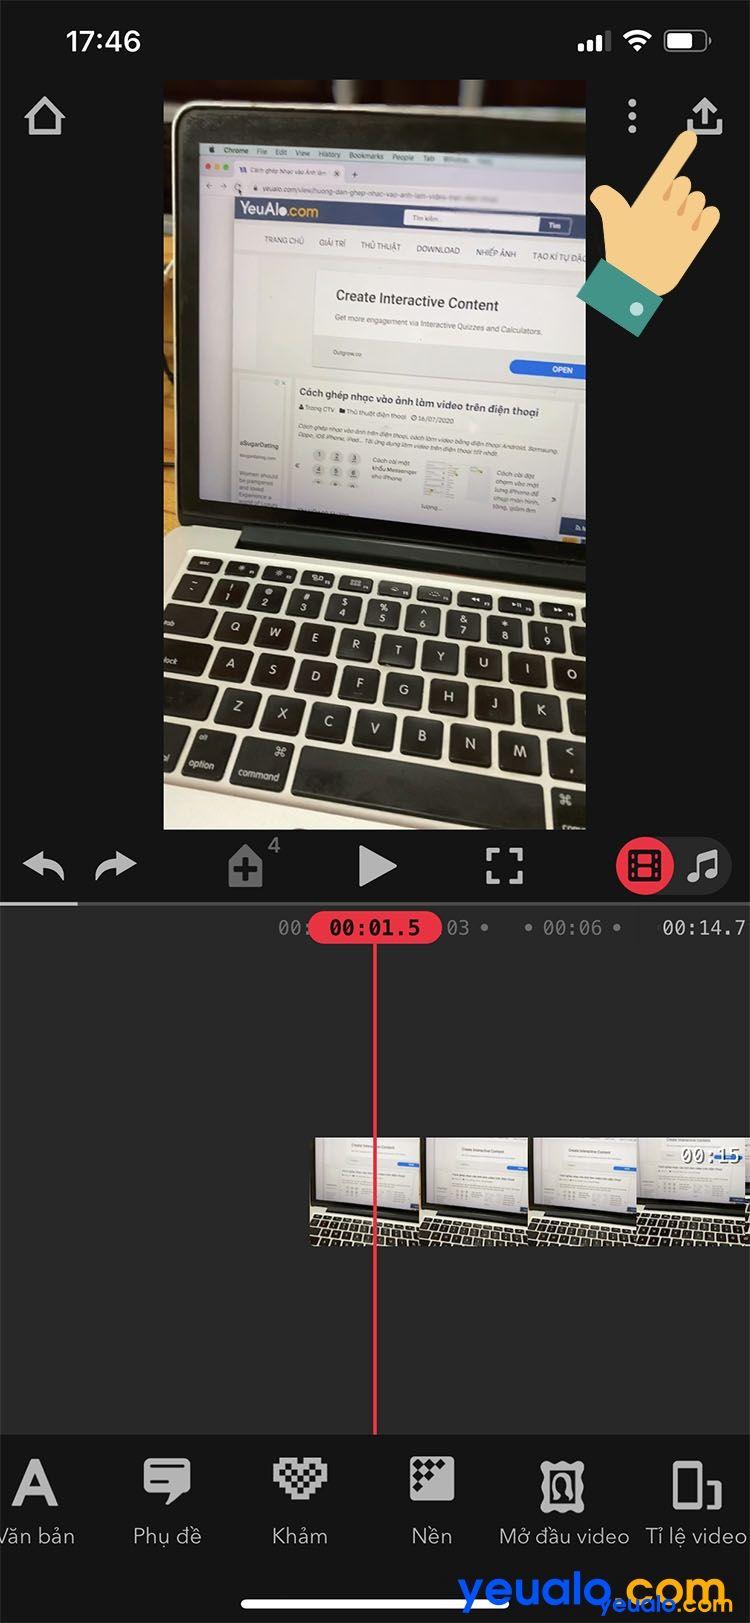 Cách quay video xoá phông trên iPhone 6